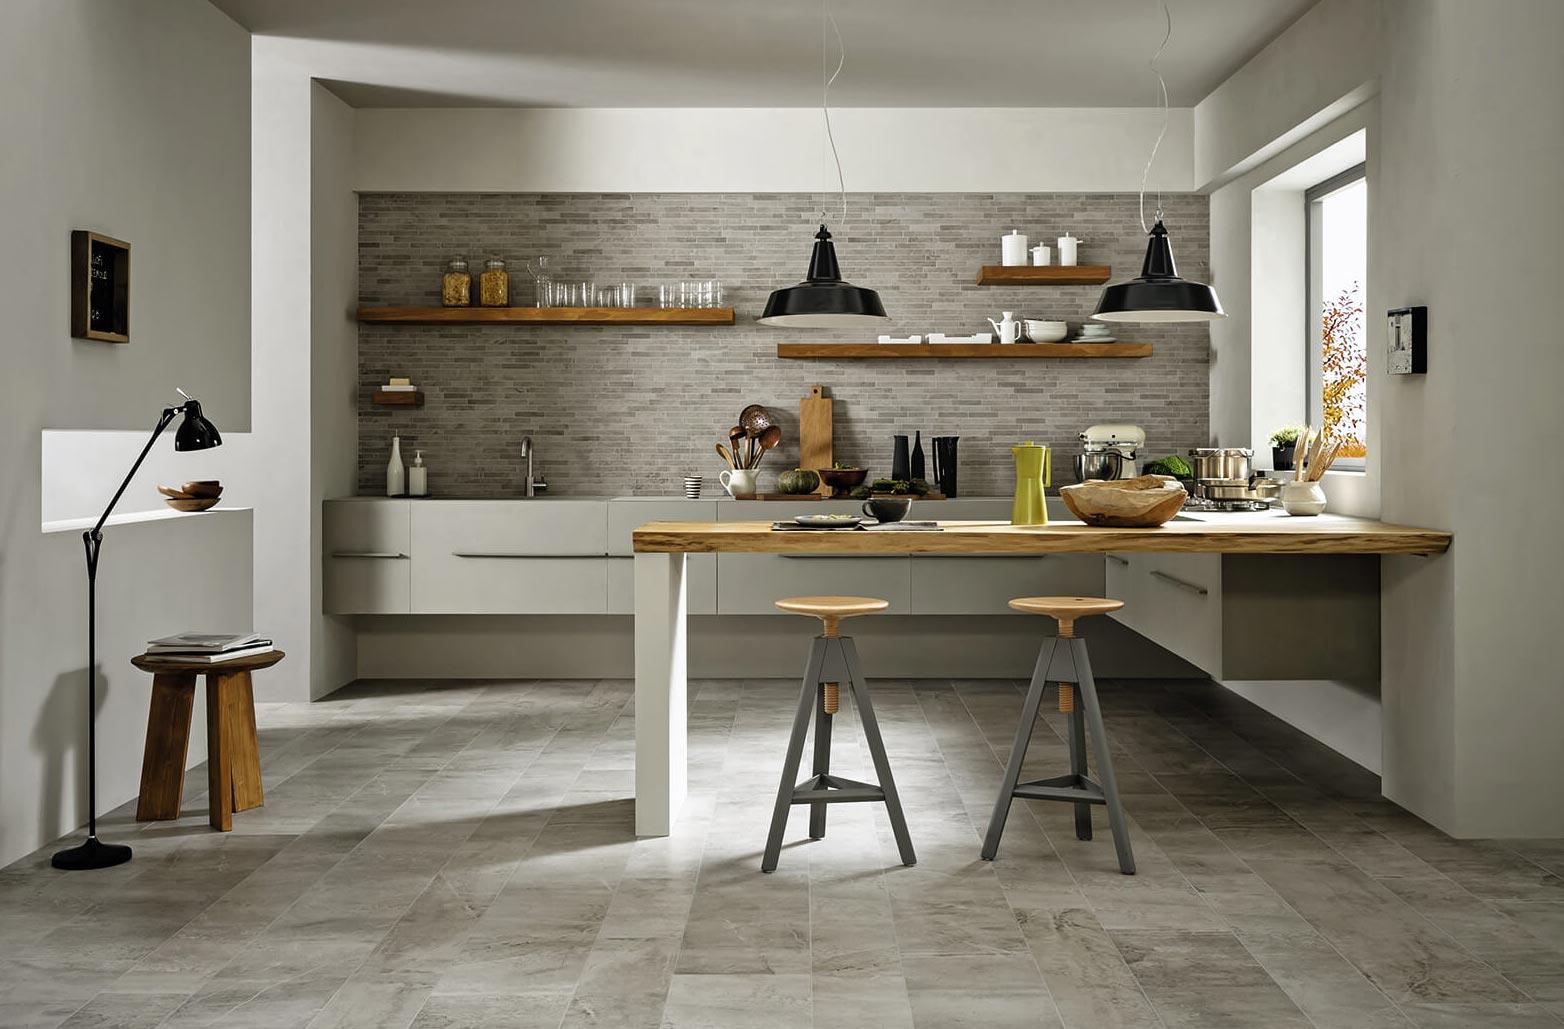 напольная плитка под камень для кухни-дизайн